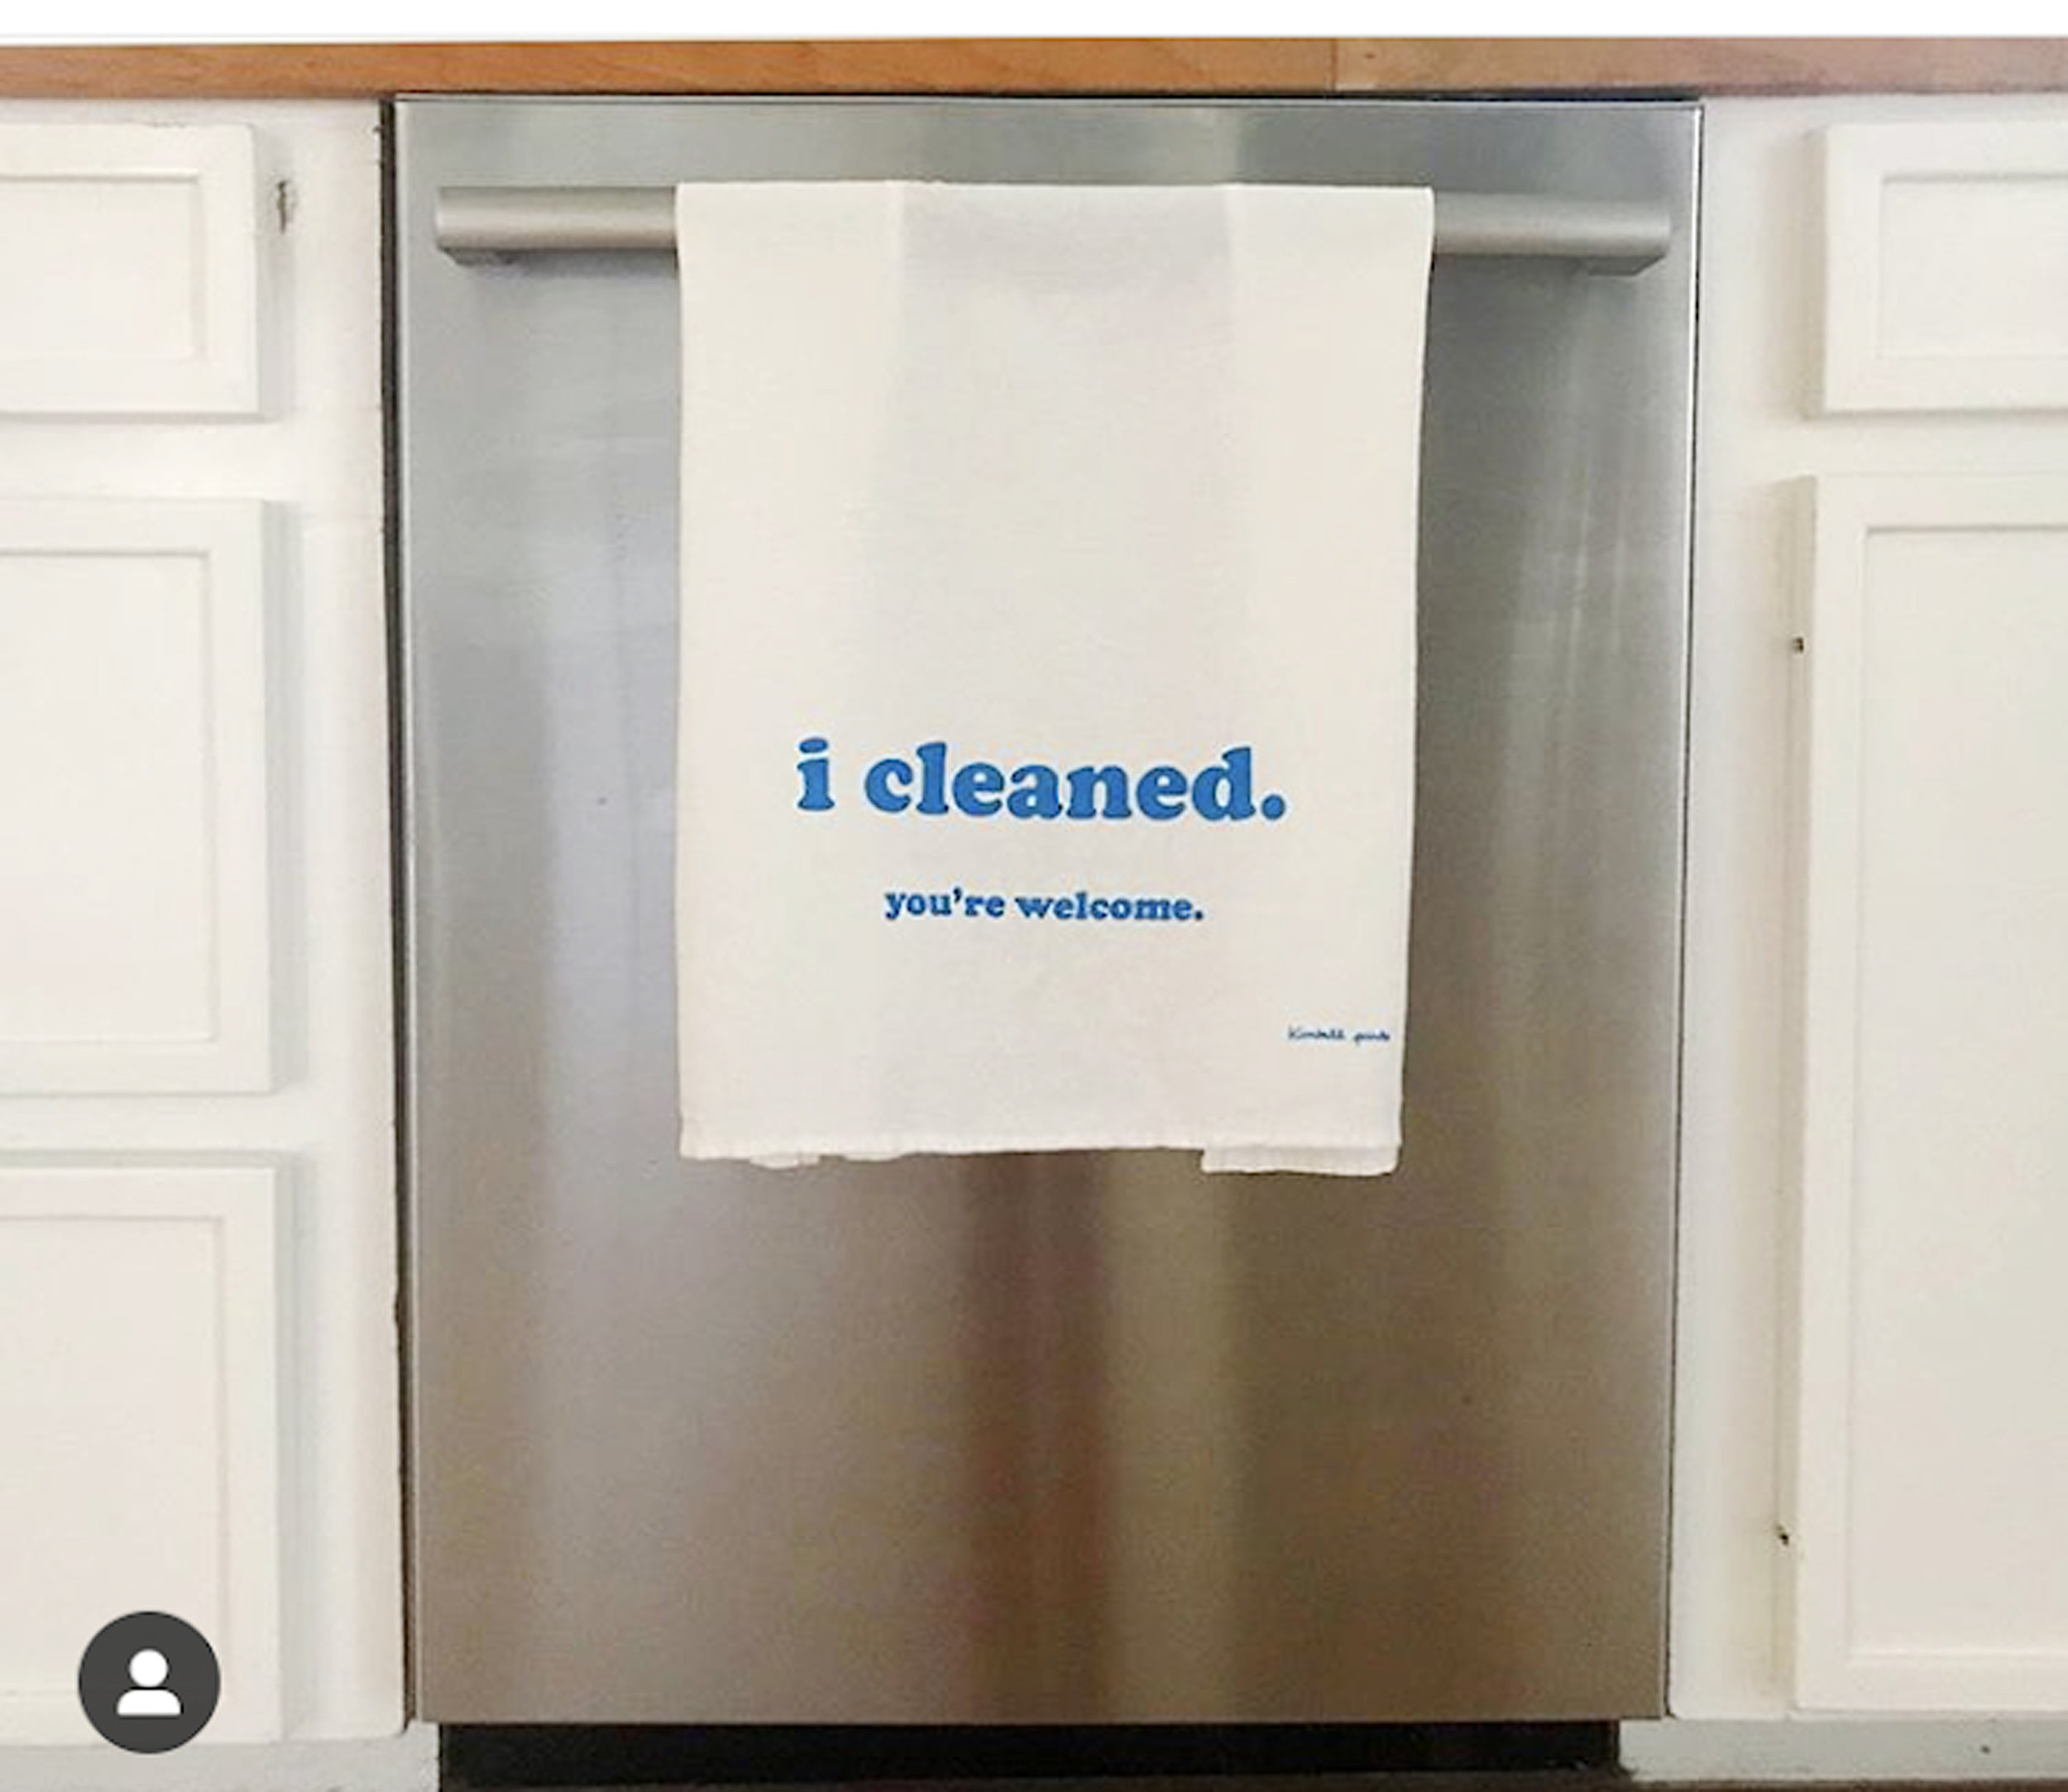 icleaned_dishwasher.jpg